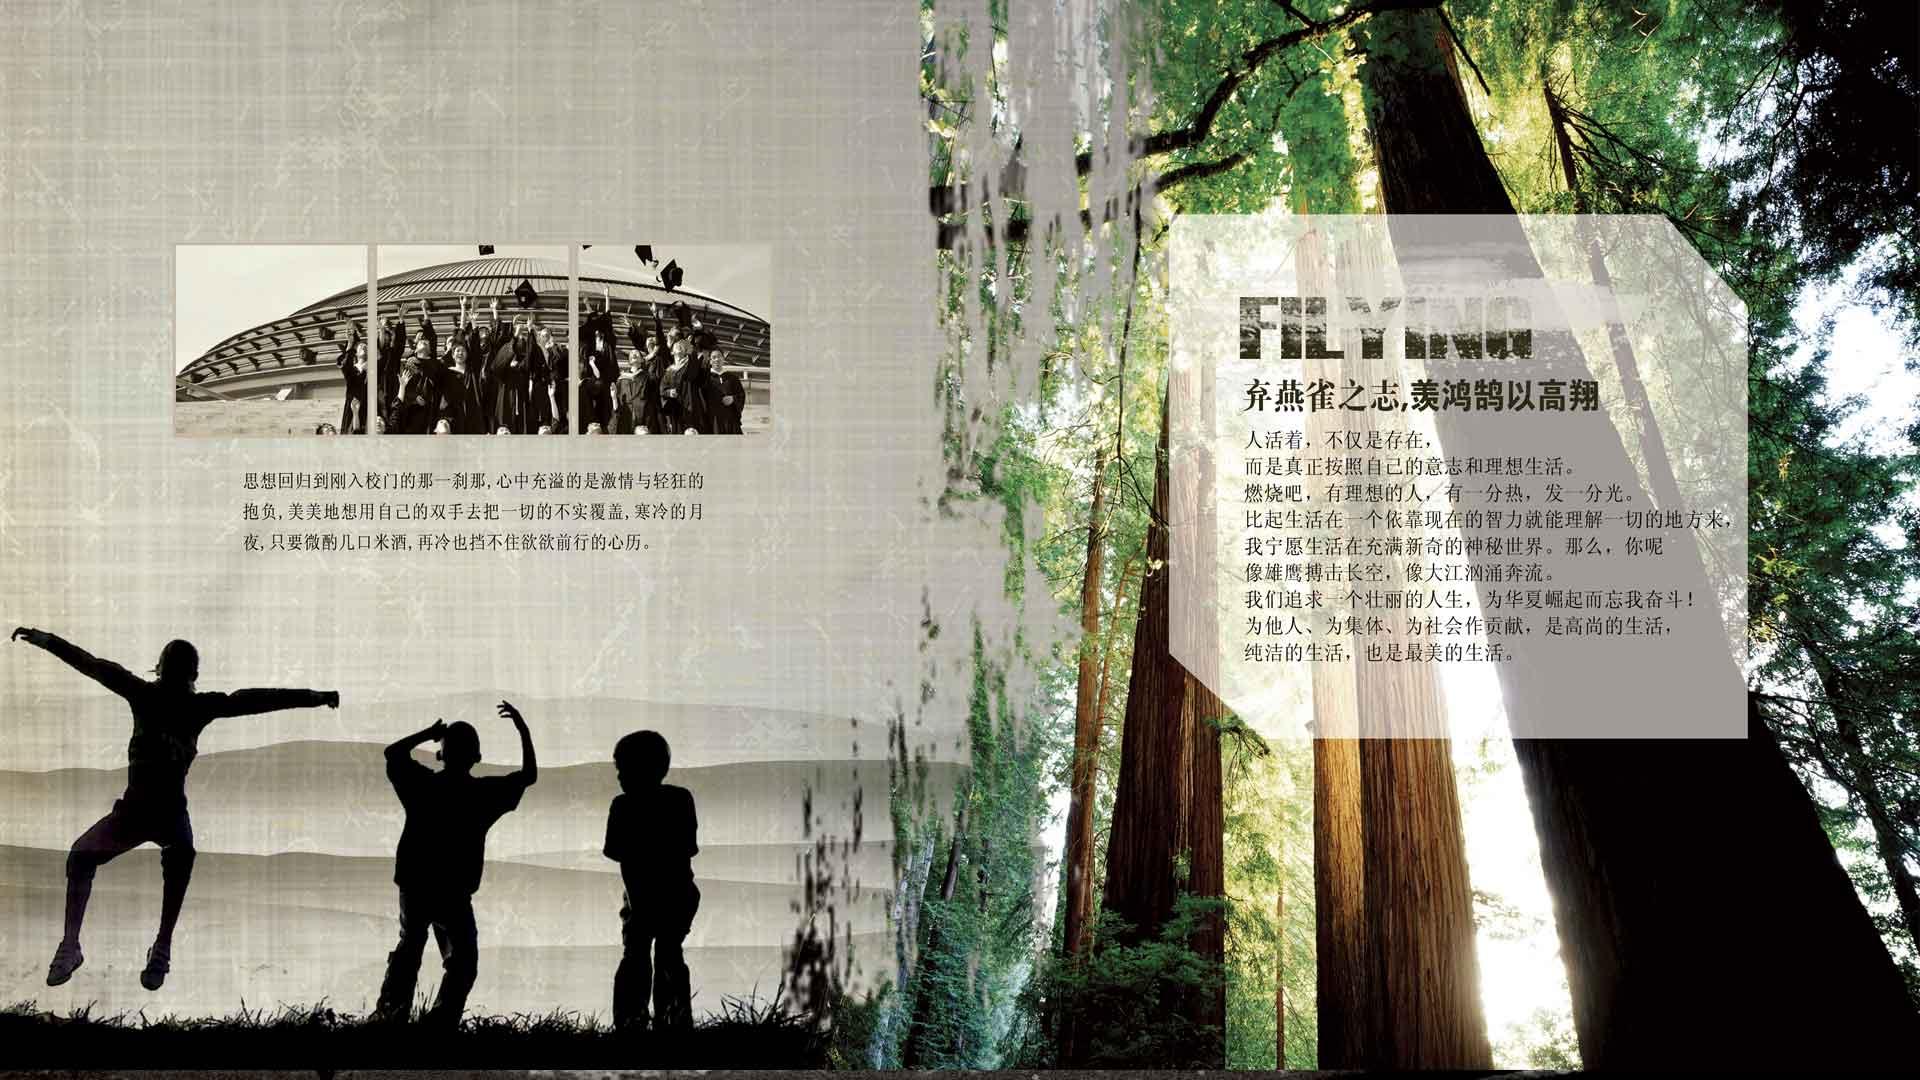 header-banner-image